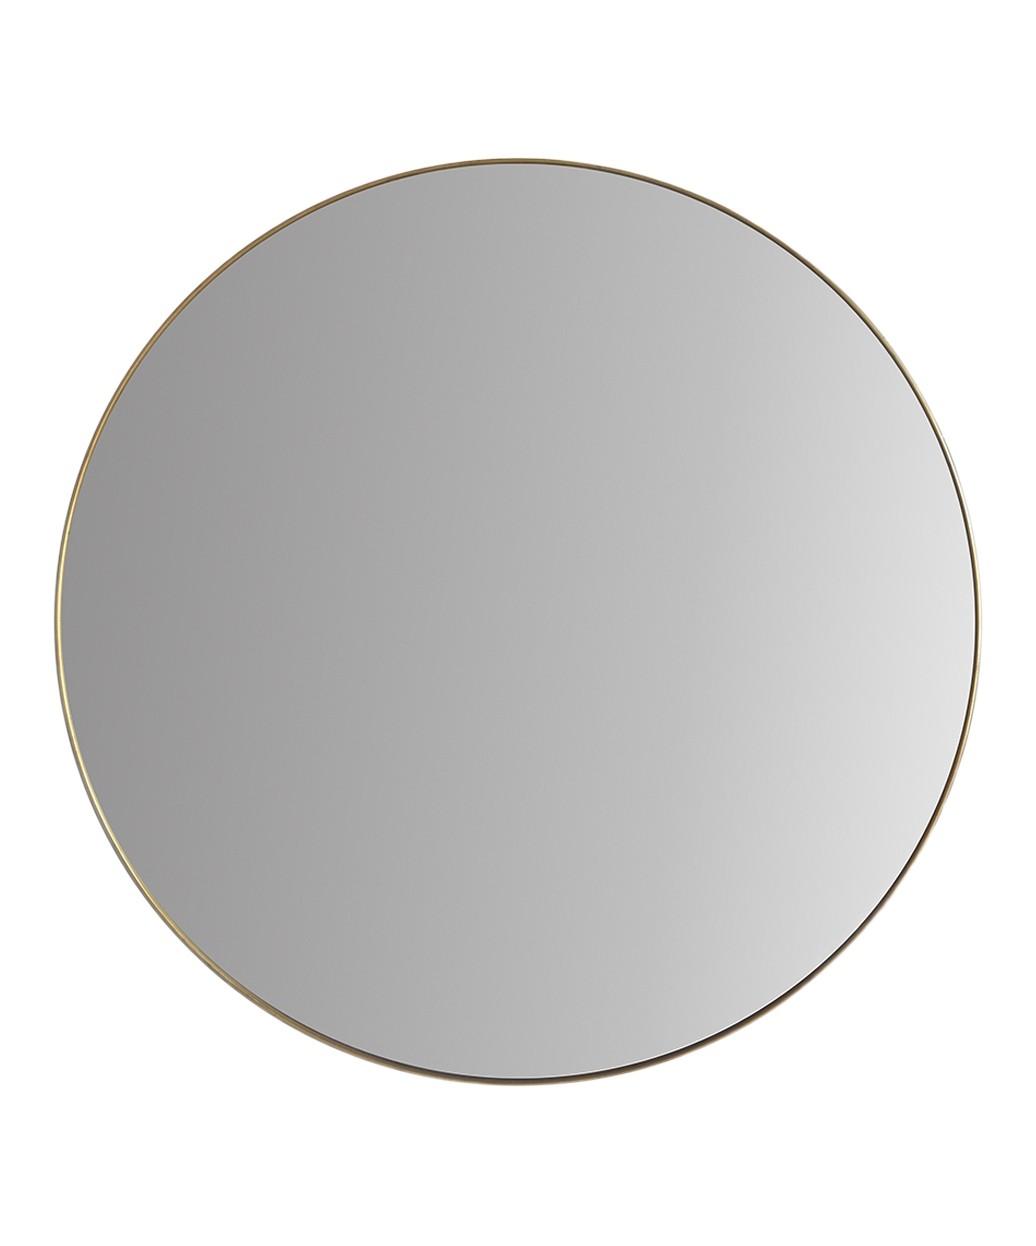 Celine Round Salon Mirror